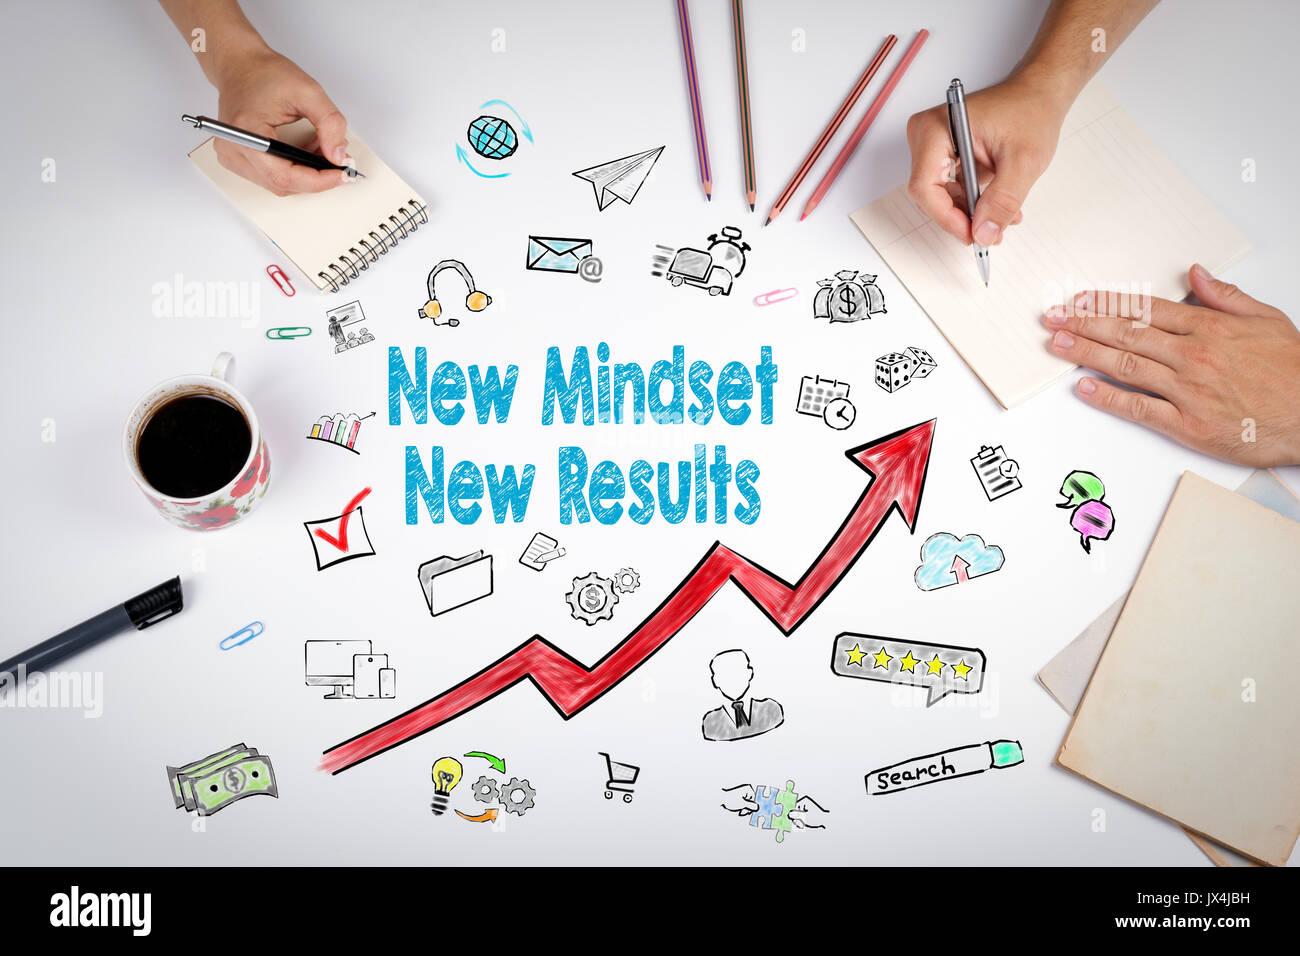 Neue denkrichtung neue Ergebnisse Konzept. Die Sitzung, in der weiße Office Tabelle. Stockbild